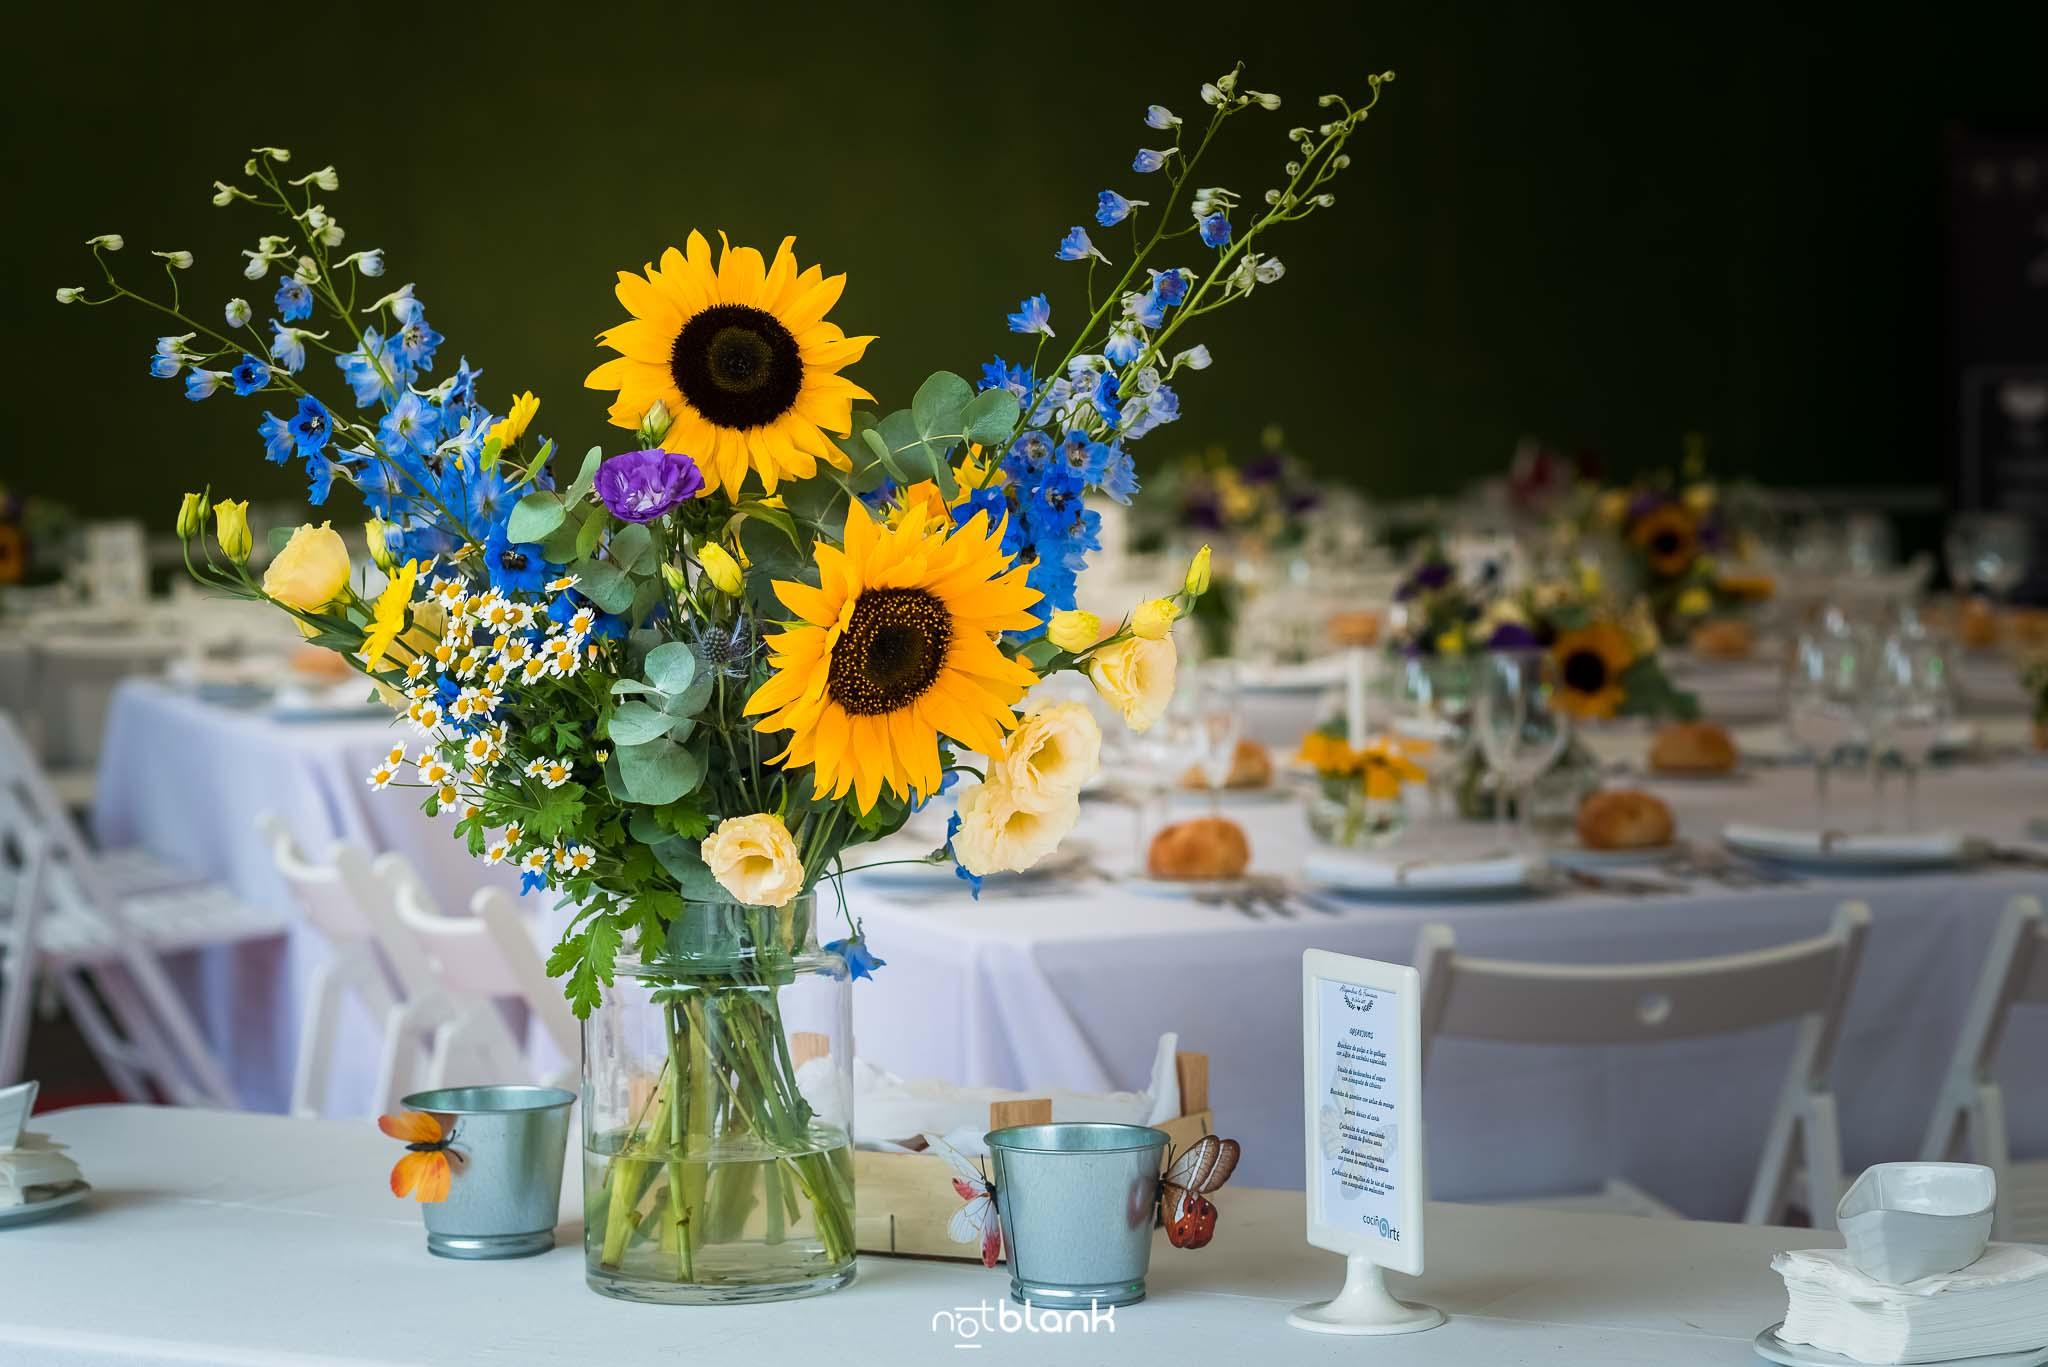 Boda En El Jardin De Casa Jana y Fran - Detalles de flores - Notblank Fotografos de boda